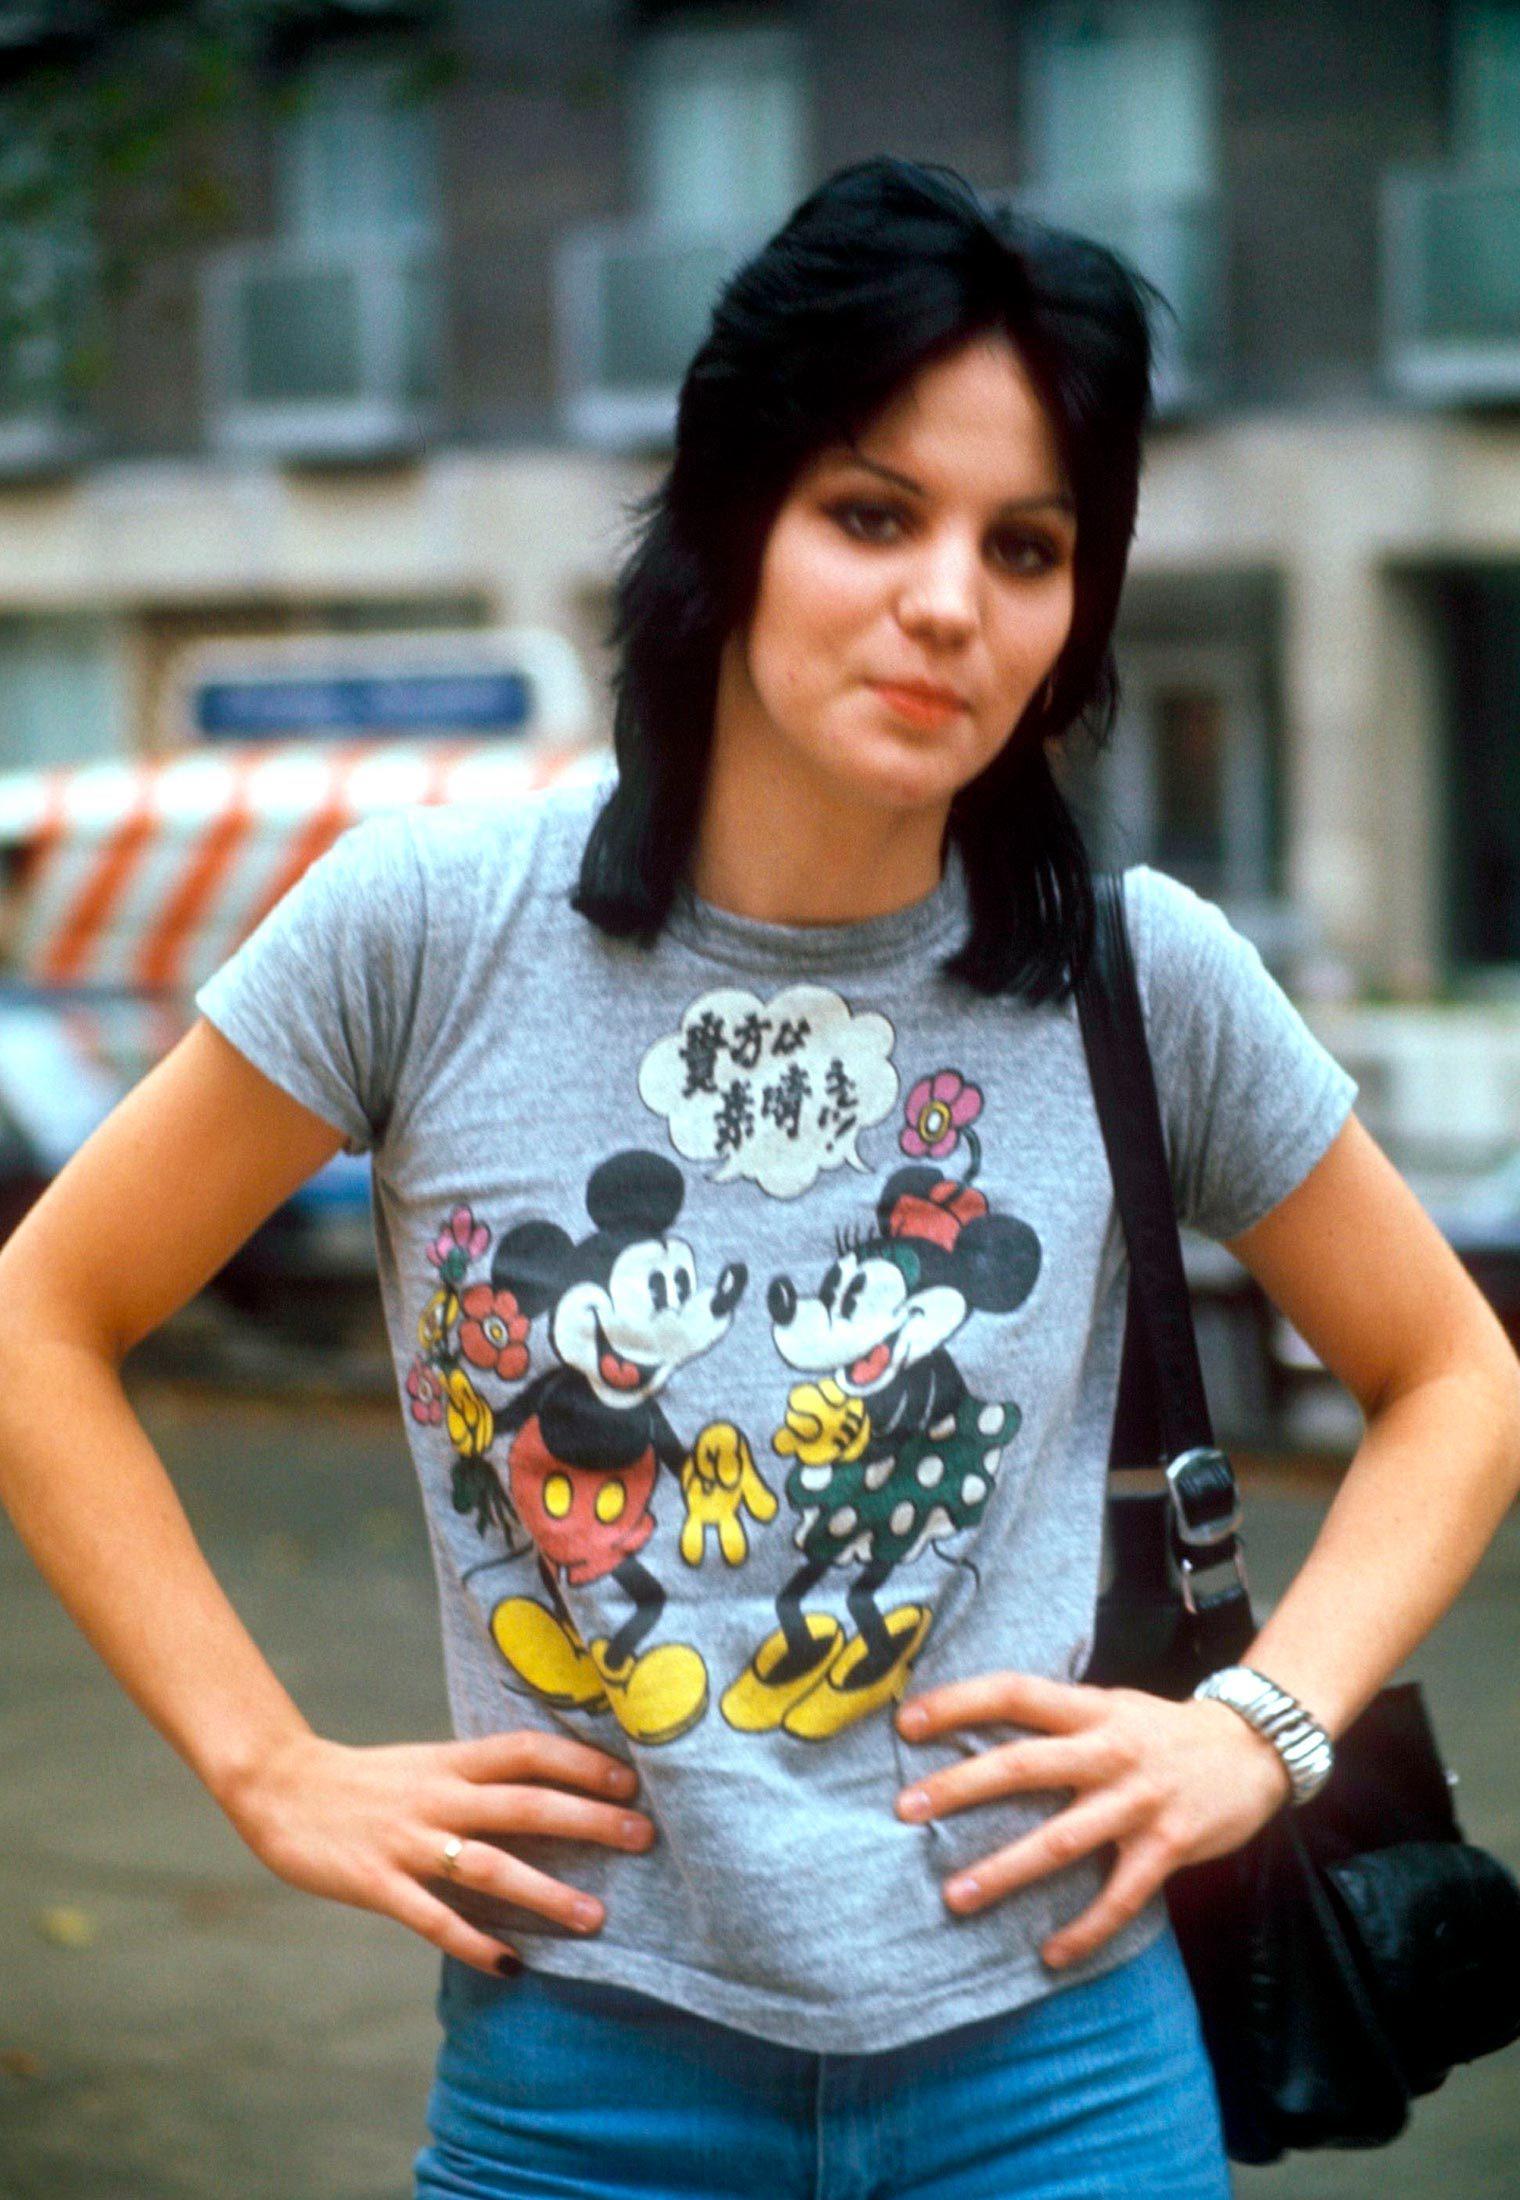 Joan Jett and Mickey